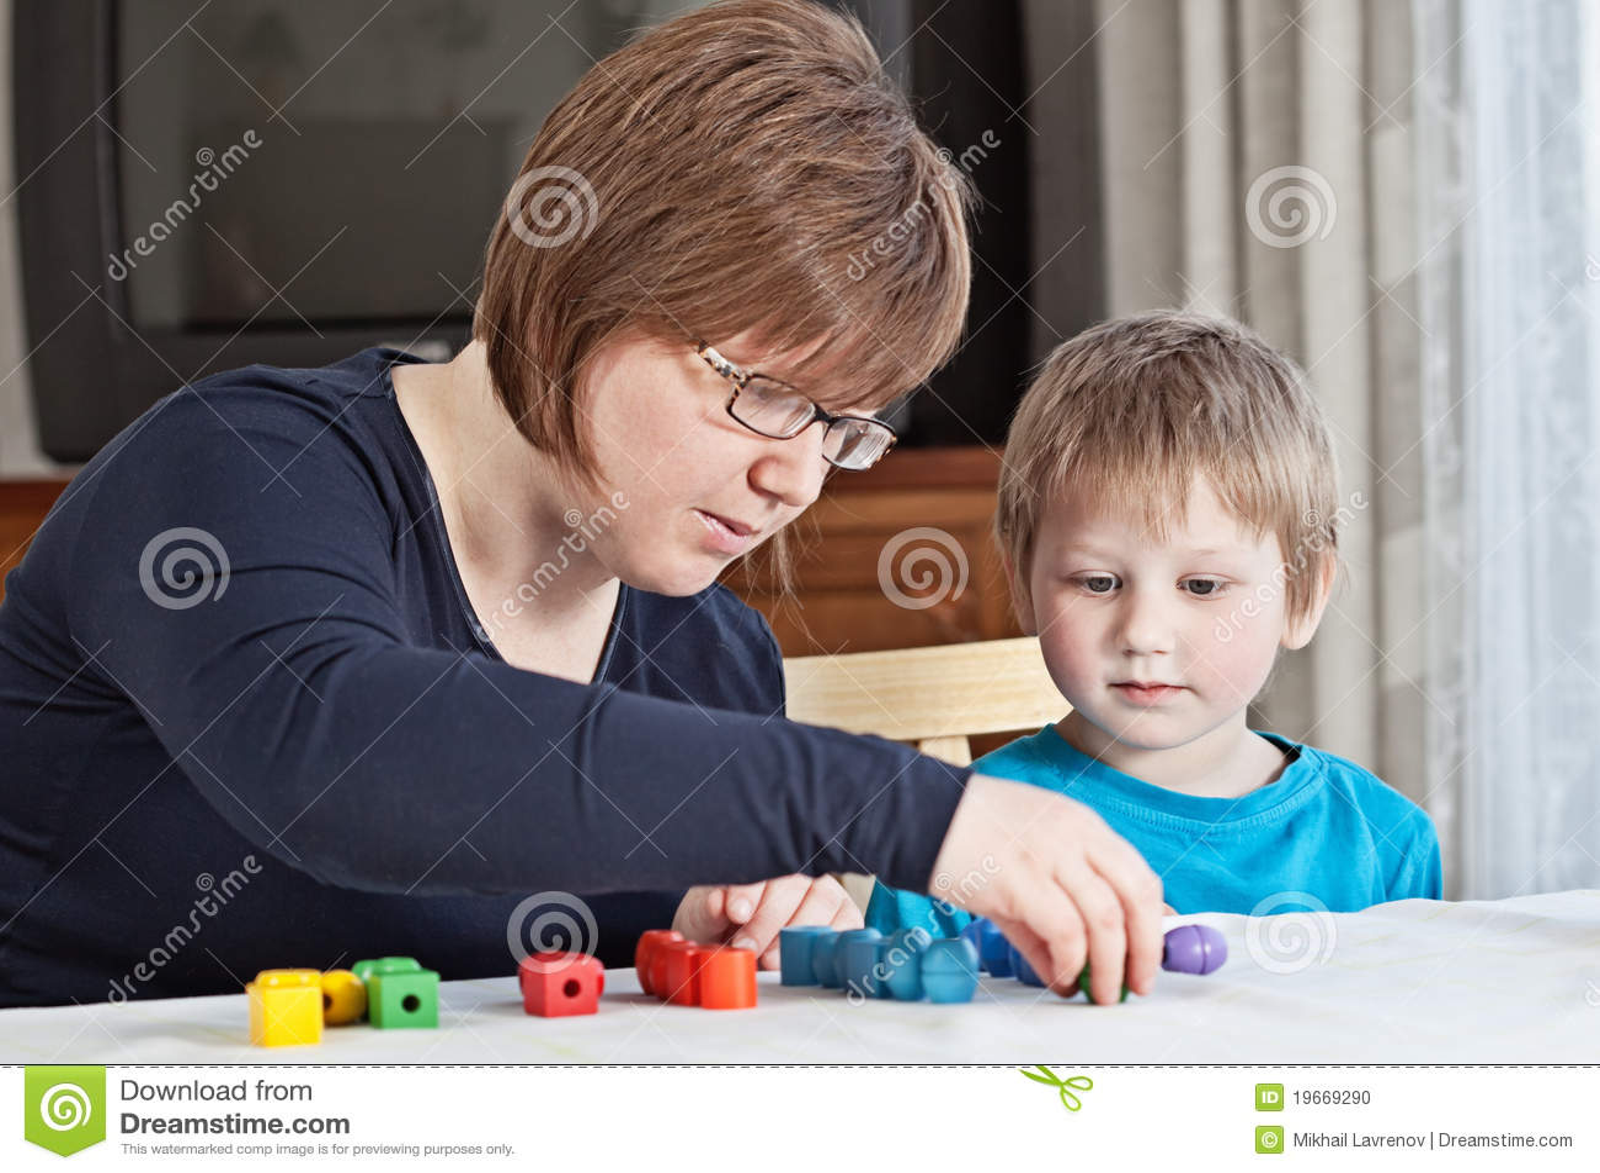 Сын и мама вместе мылись 9 фотография